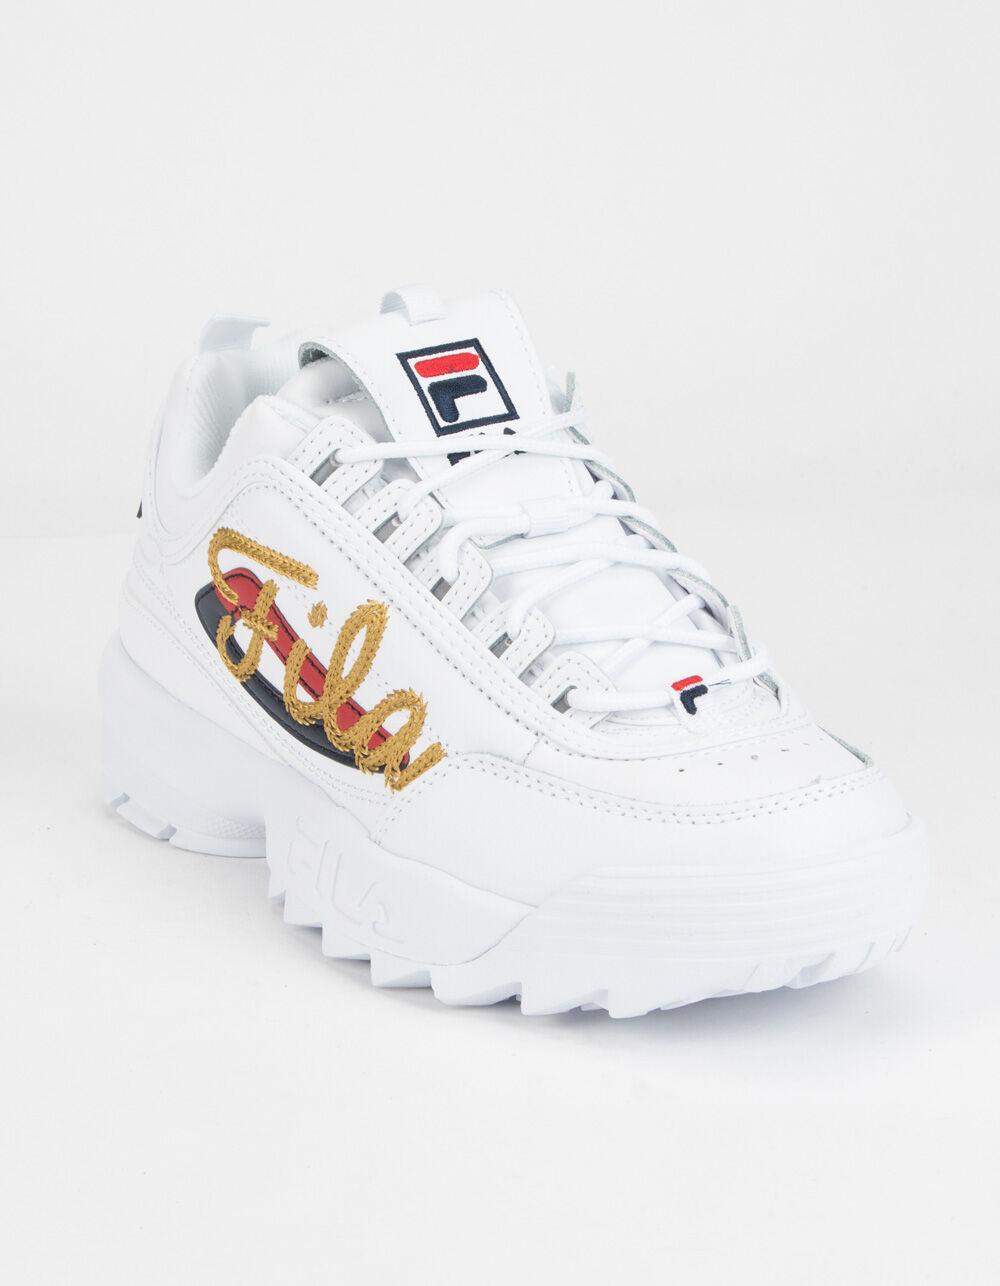 FILA Disruptor 2 Signature Shoes